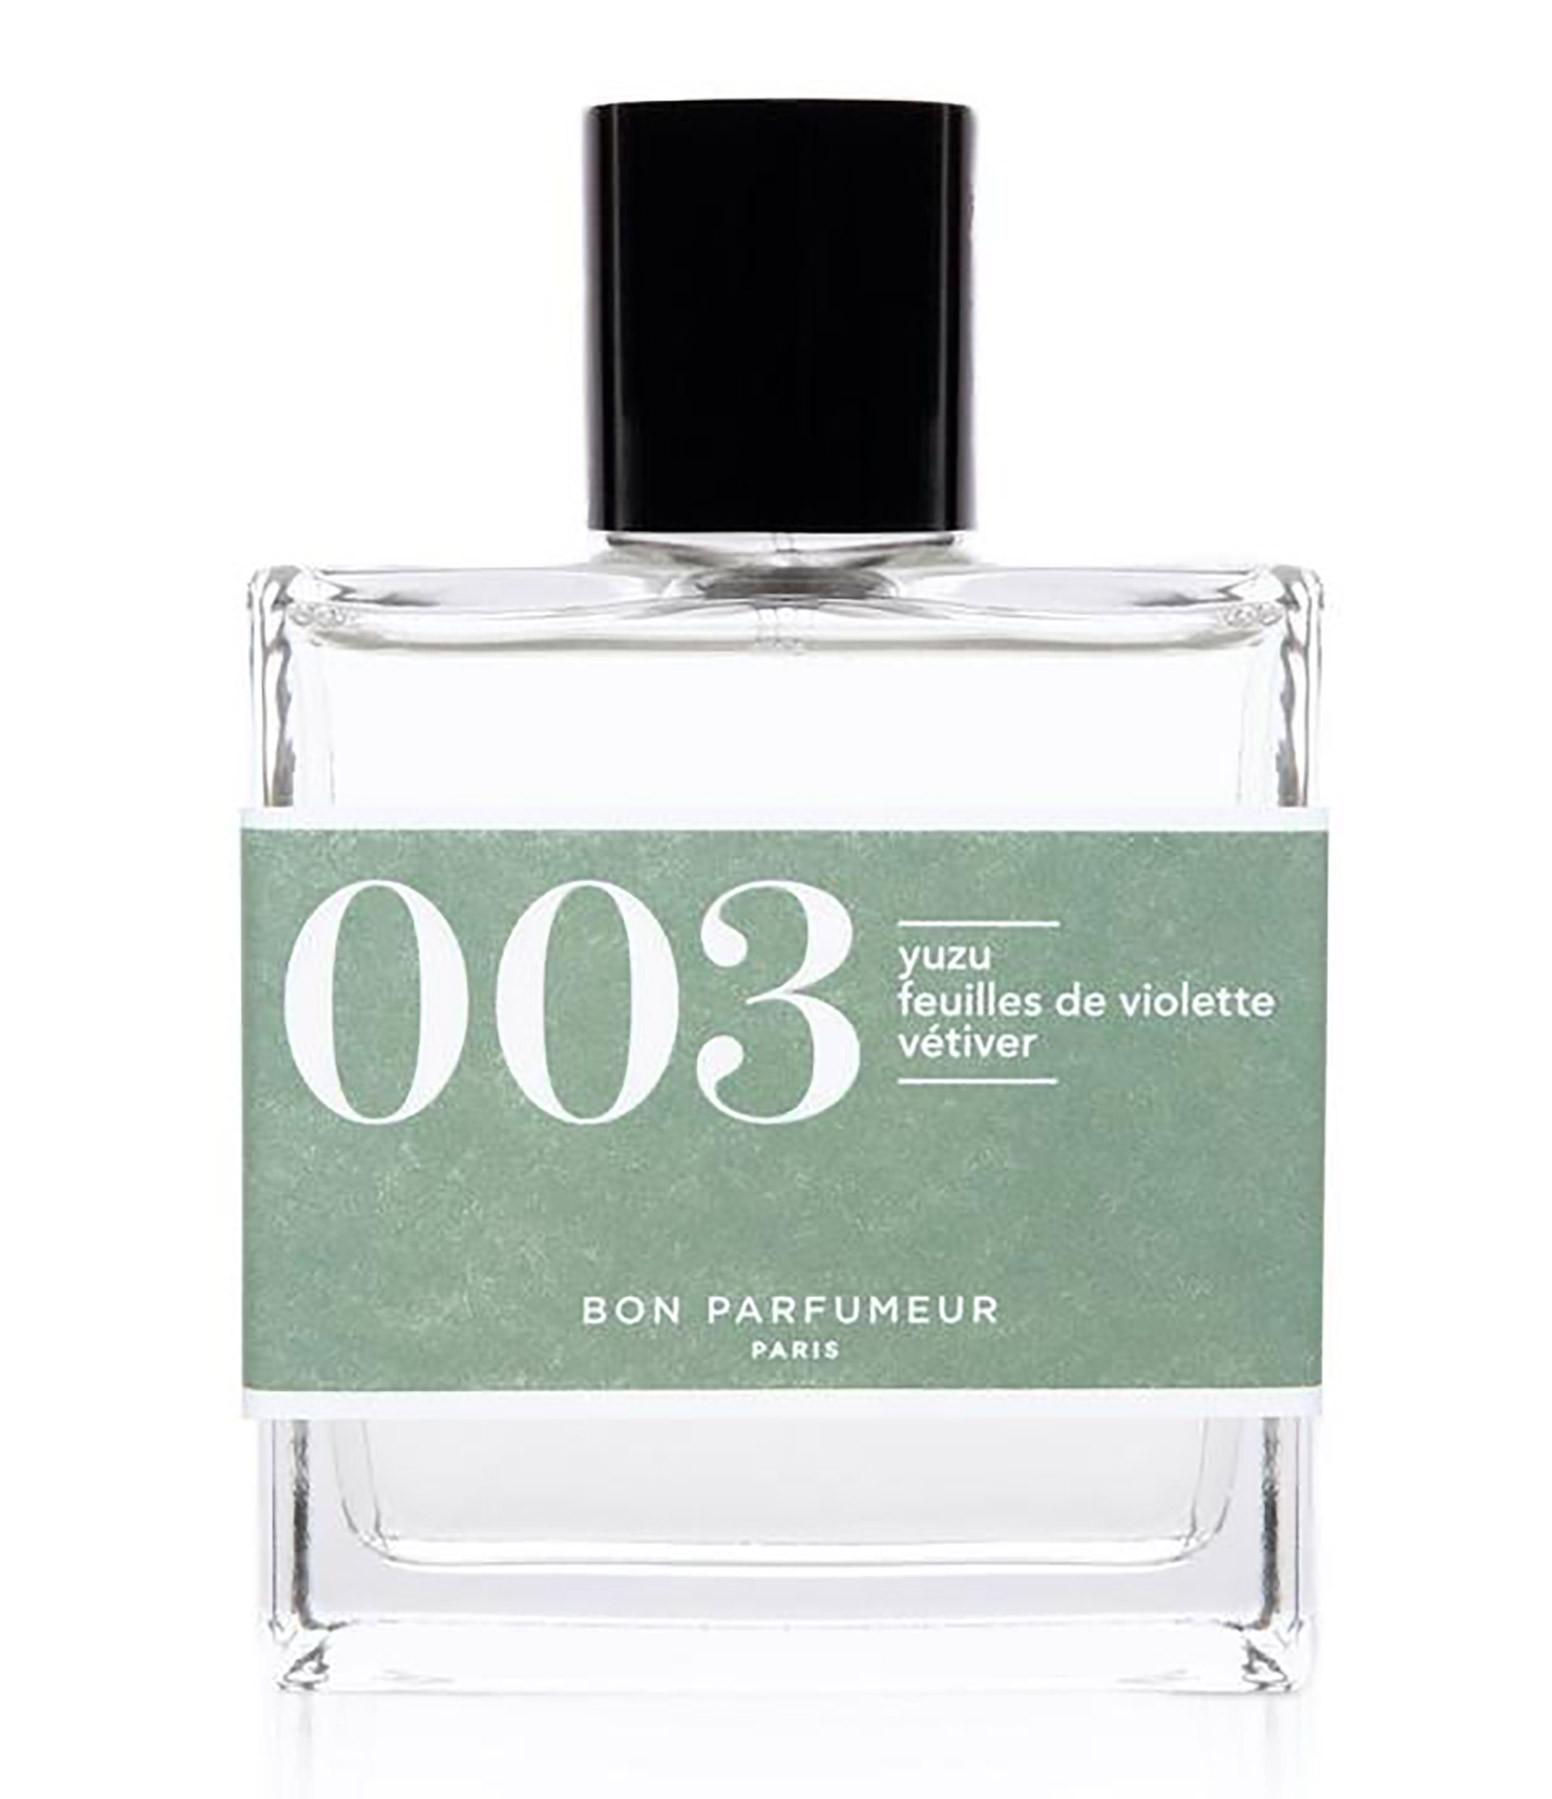 BON PARFUMEUR - Eau de Parfum #003 Yuzu, Feuilles de violette, Vétiver, 100 ml